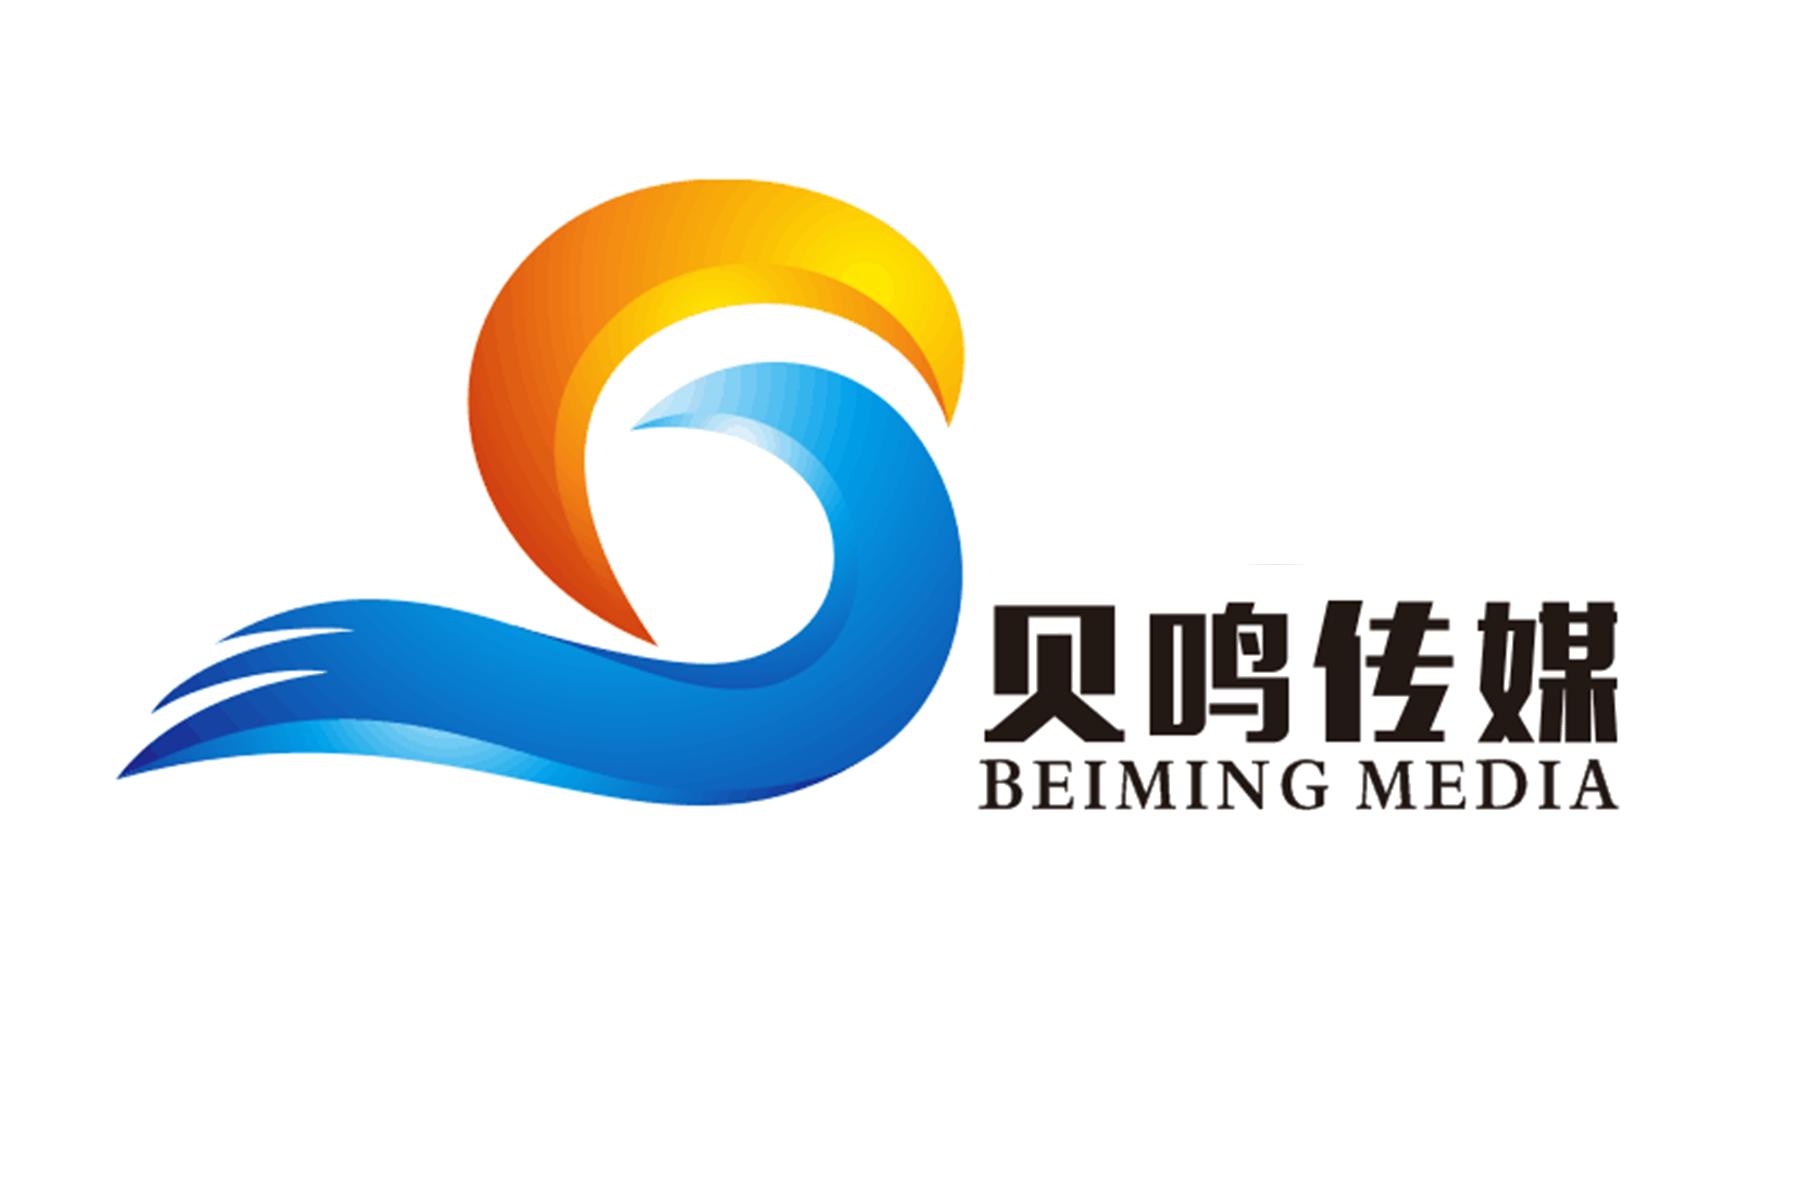 透明橫版logo2